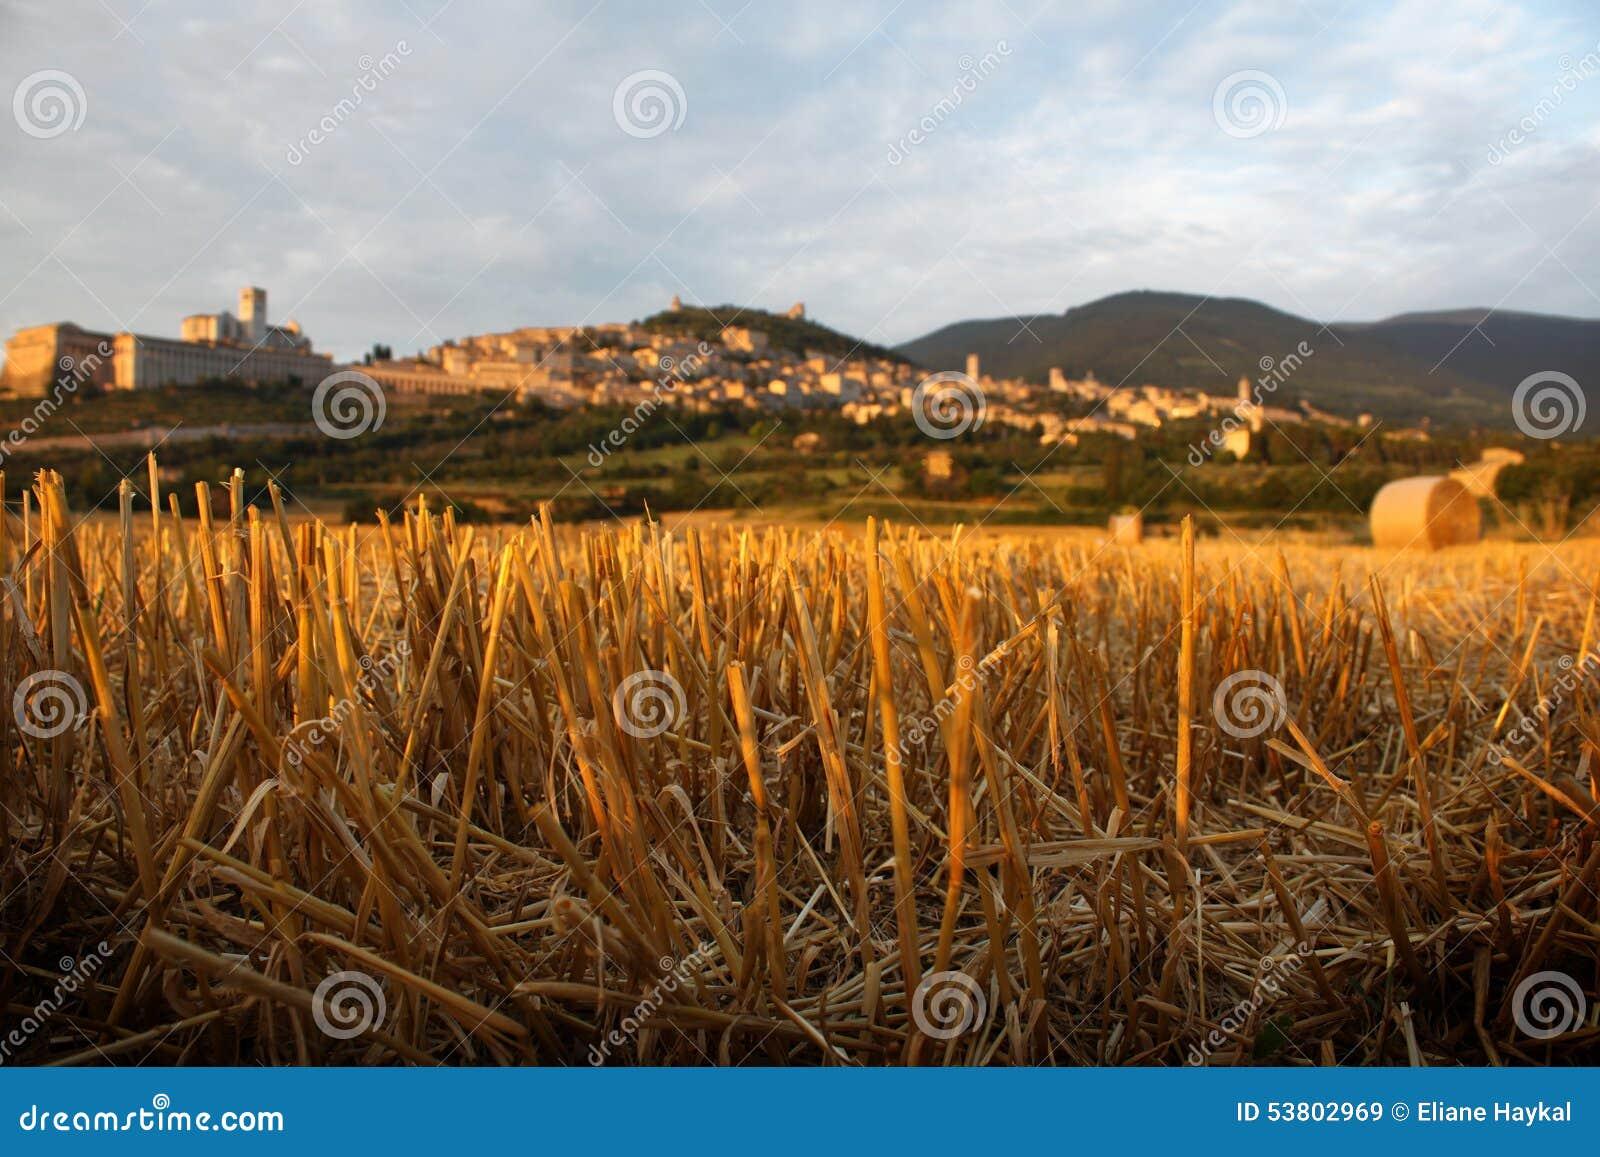 Assisi Behind Straws